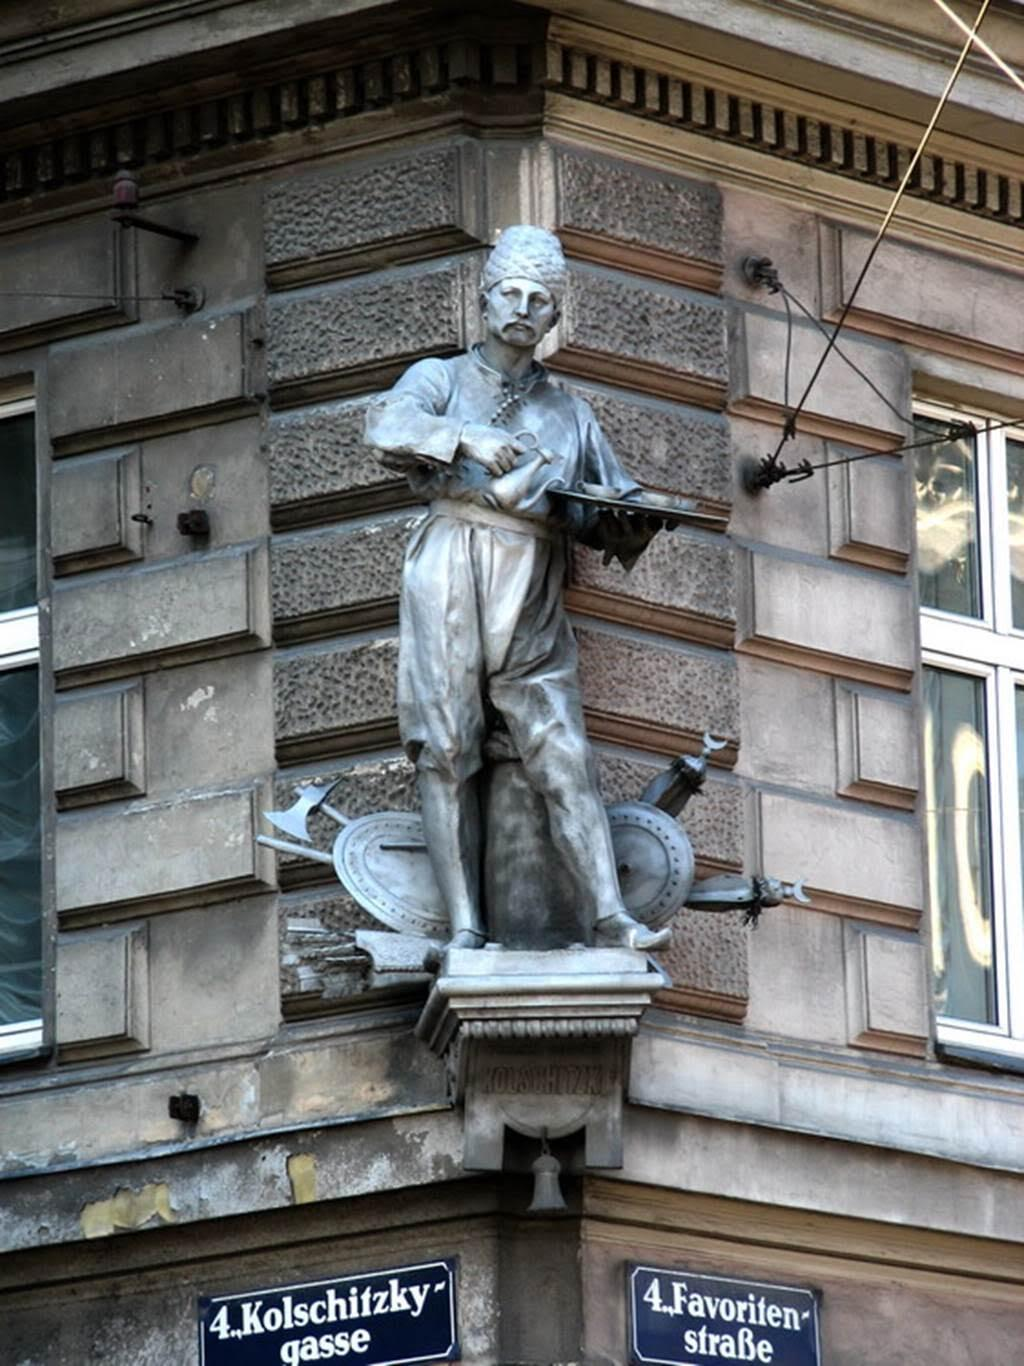 Kulczycki'nin heykeli, Türk nüfusun çokluğundan dolayı günümüzde Küçük İstanbul olarak adlandırılan, Viyana'nın Favoriten Sokağı'nda, bir binanın köşesindedir. Günümüzde Viyanalı kahvehaneci esnafının piri kabul edilen Kulczycki'nin kahve servisini Türk kıyafetleri giyerek yaptığı rivayet edilir. Fotoğraf:alchetron.com